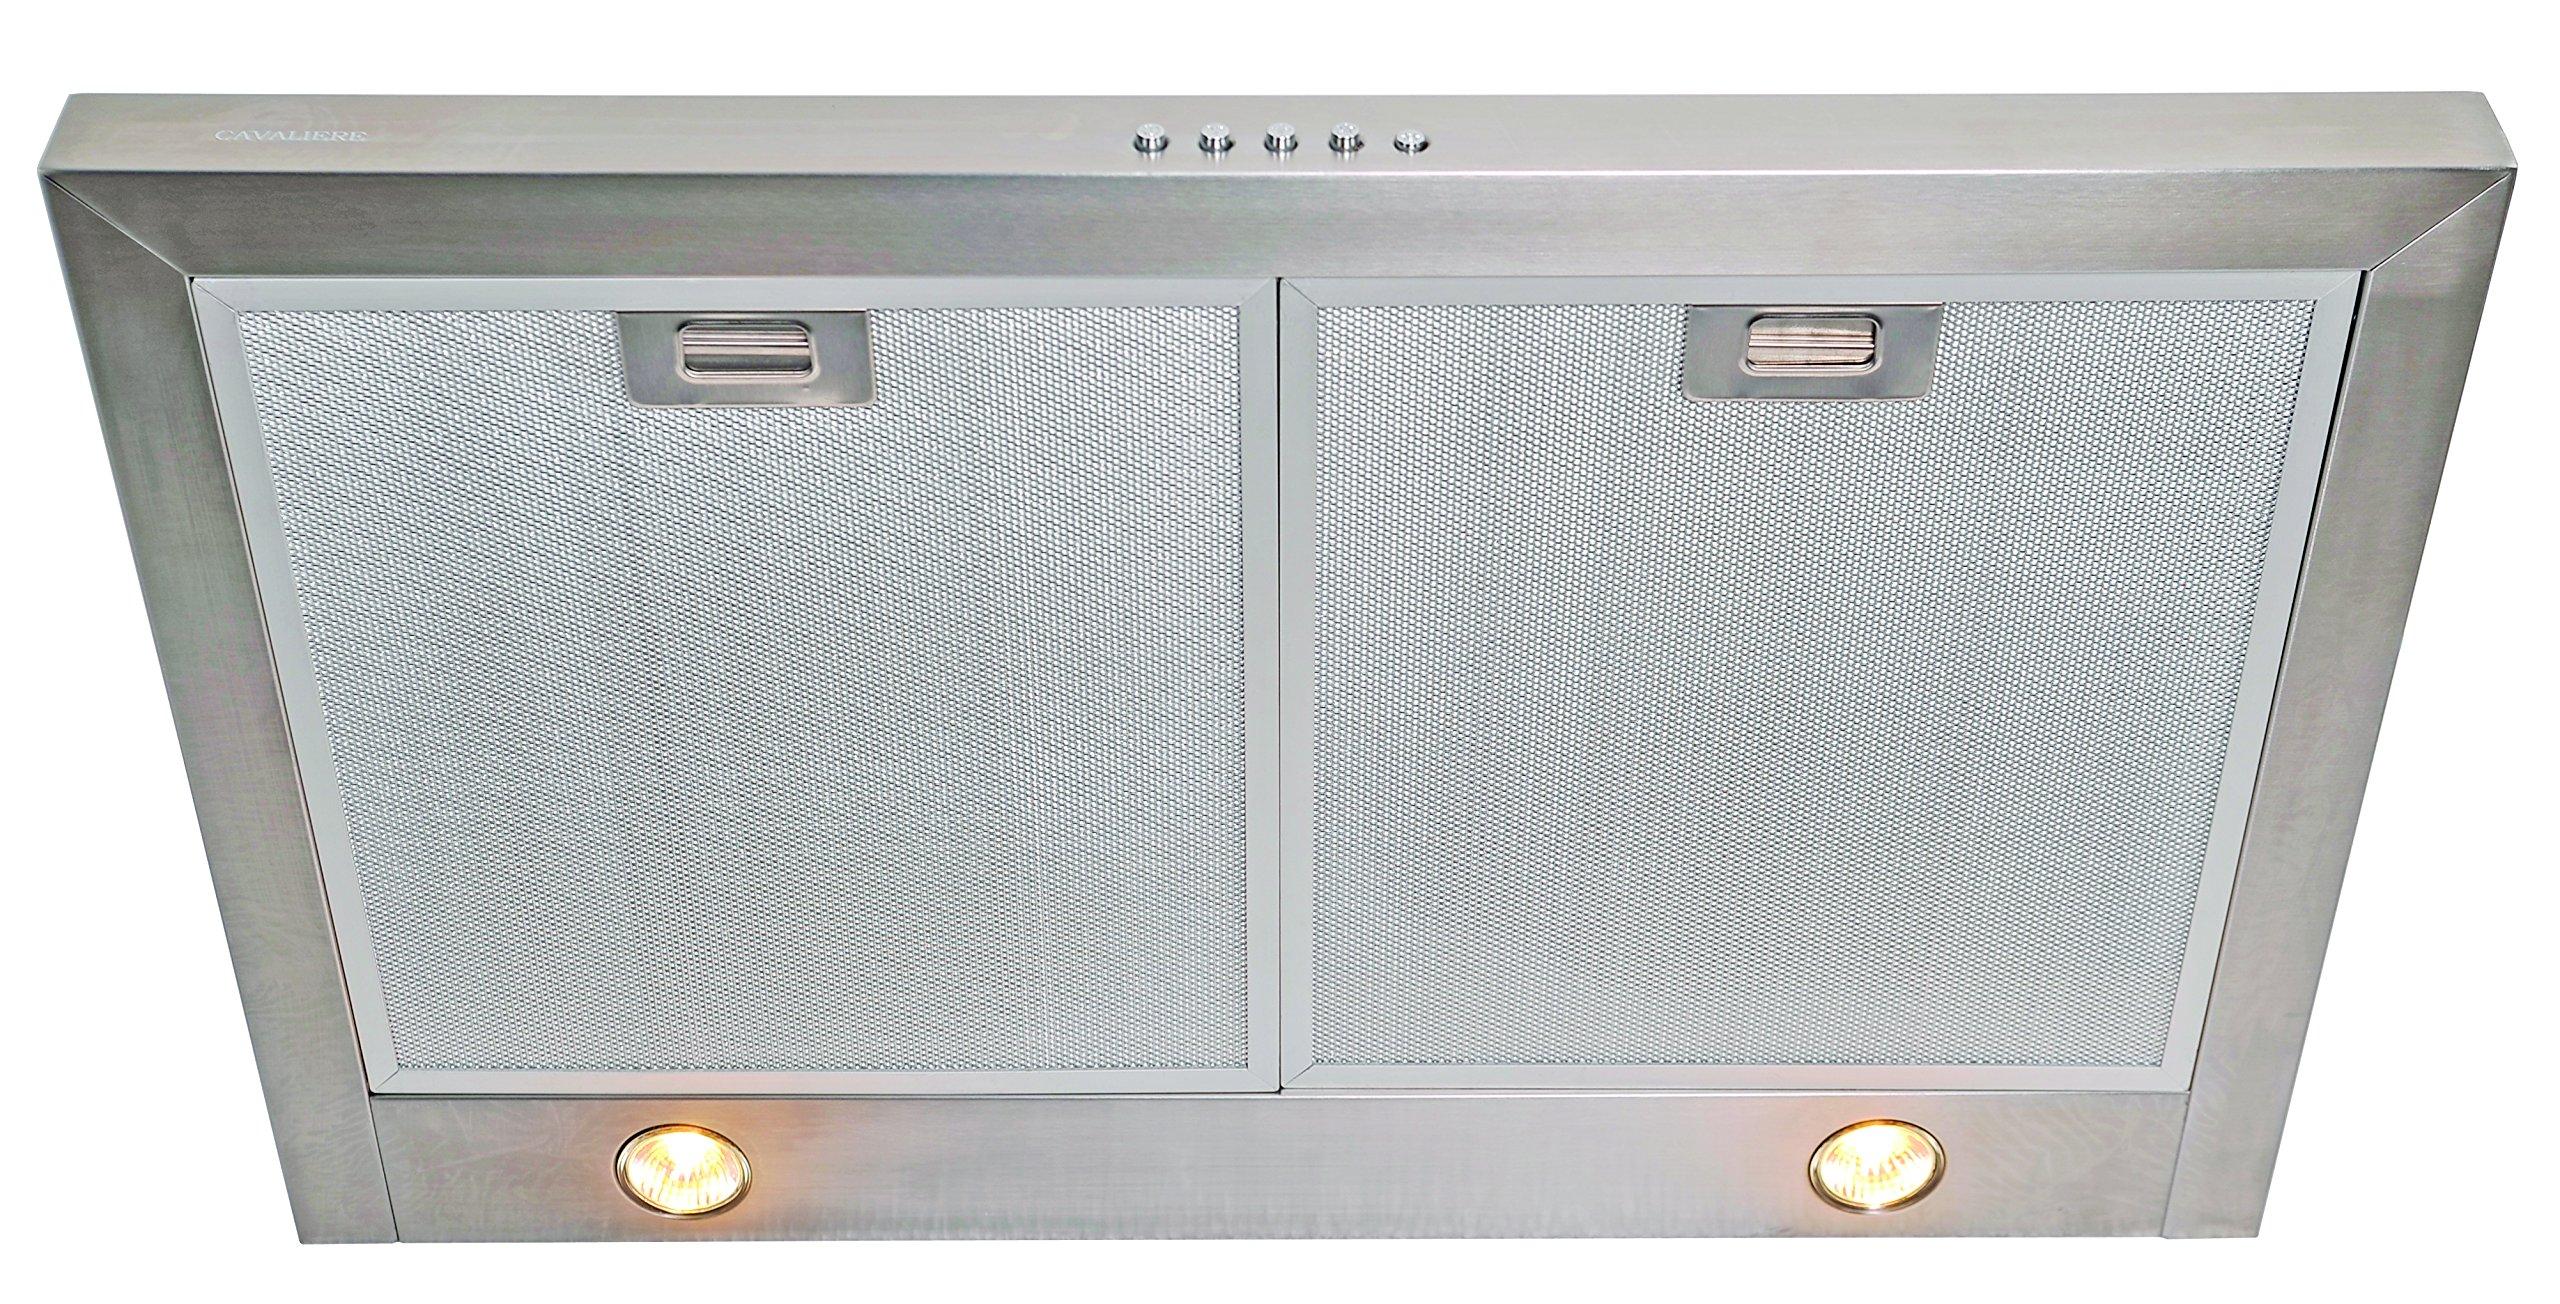 CAVALIERE UC200-1830S Under Cabinet Stainless Steel Kitchen Range Hood, 280 CFM by CAVALIERE